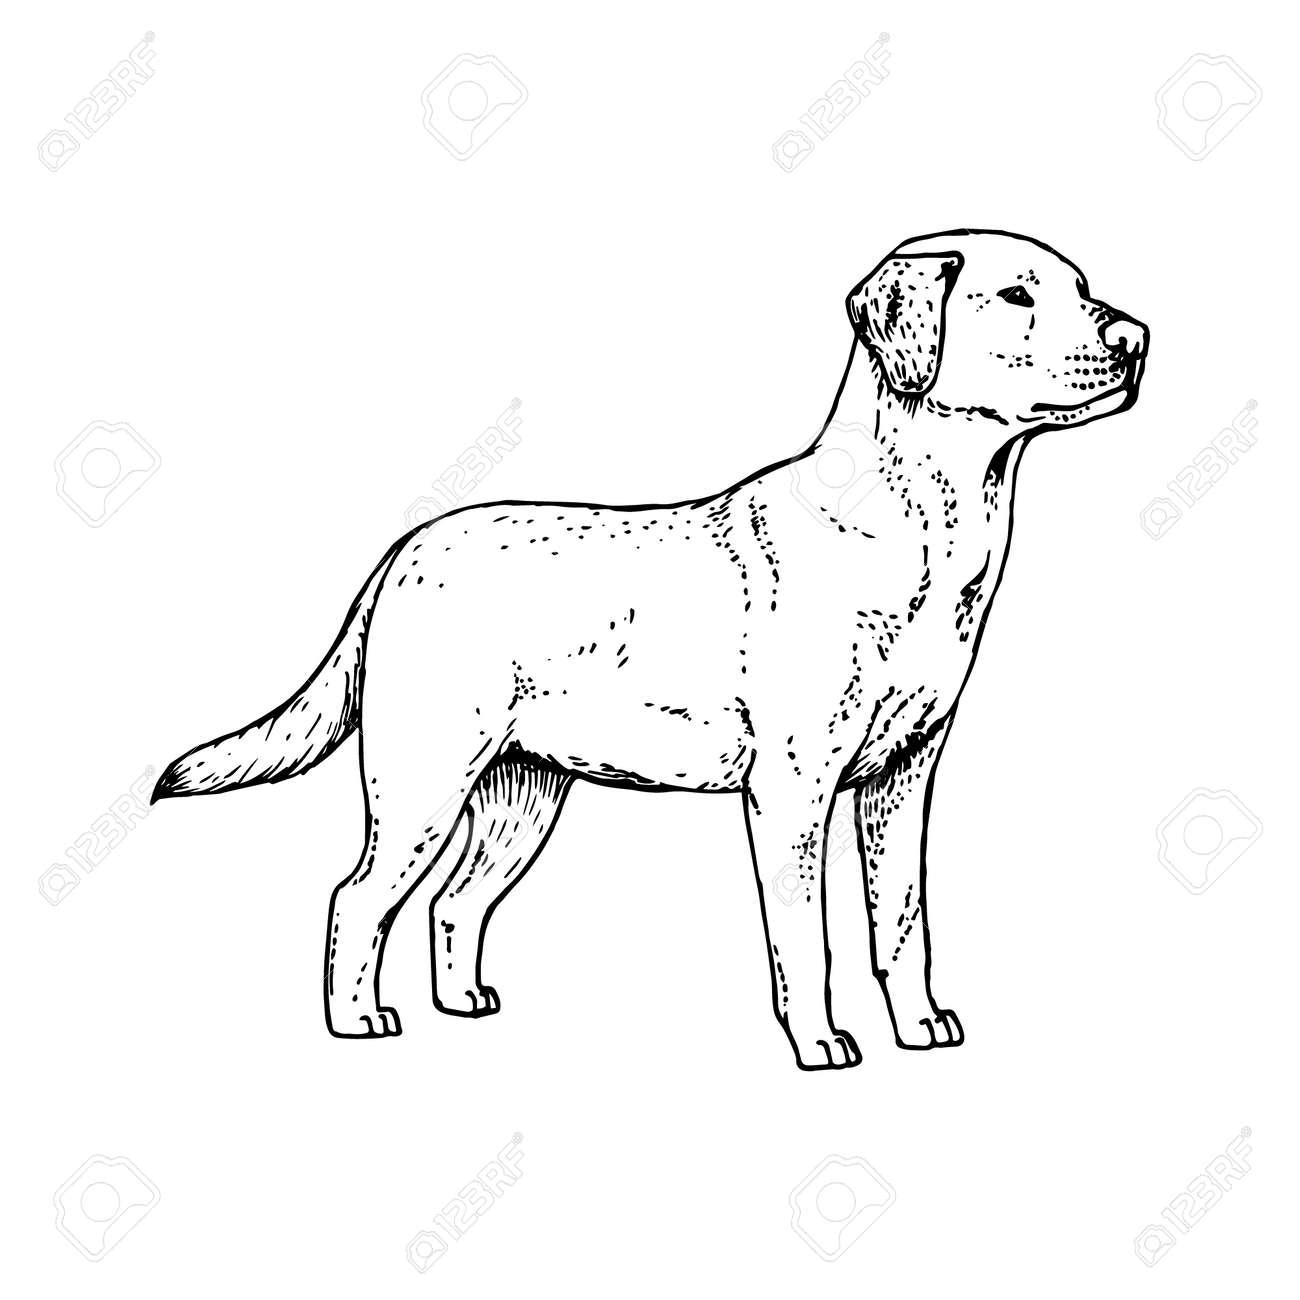 Disegno Cane Bianco E Nero.Cane Labrador Disegnato A Mano Animale Realistico Retro Isolato Stile Vintage Doodle Linea Grafica Animale Da Disegno In Bianco E Nero Schizzo